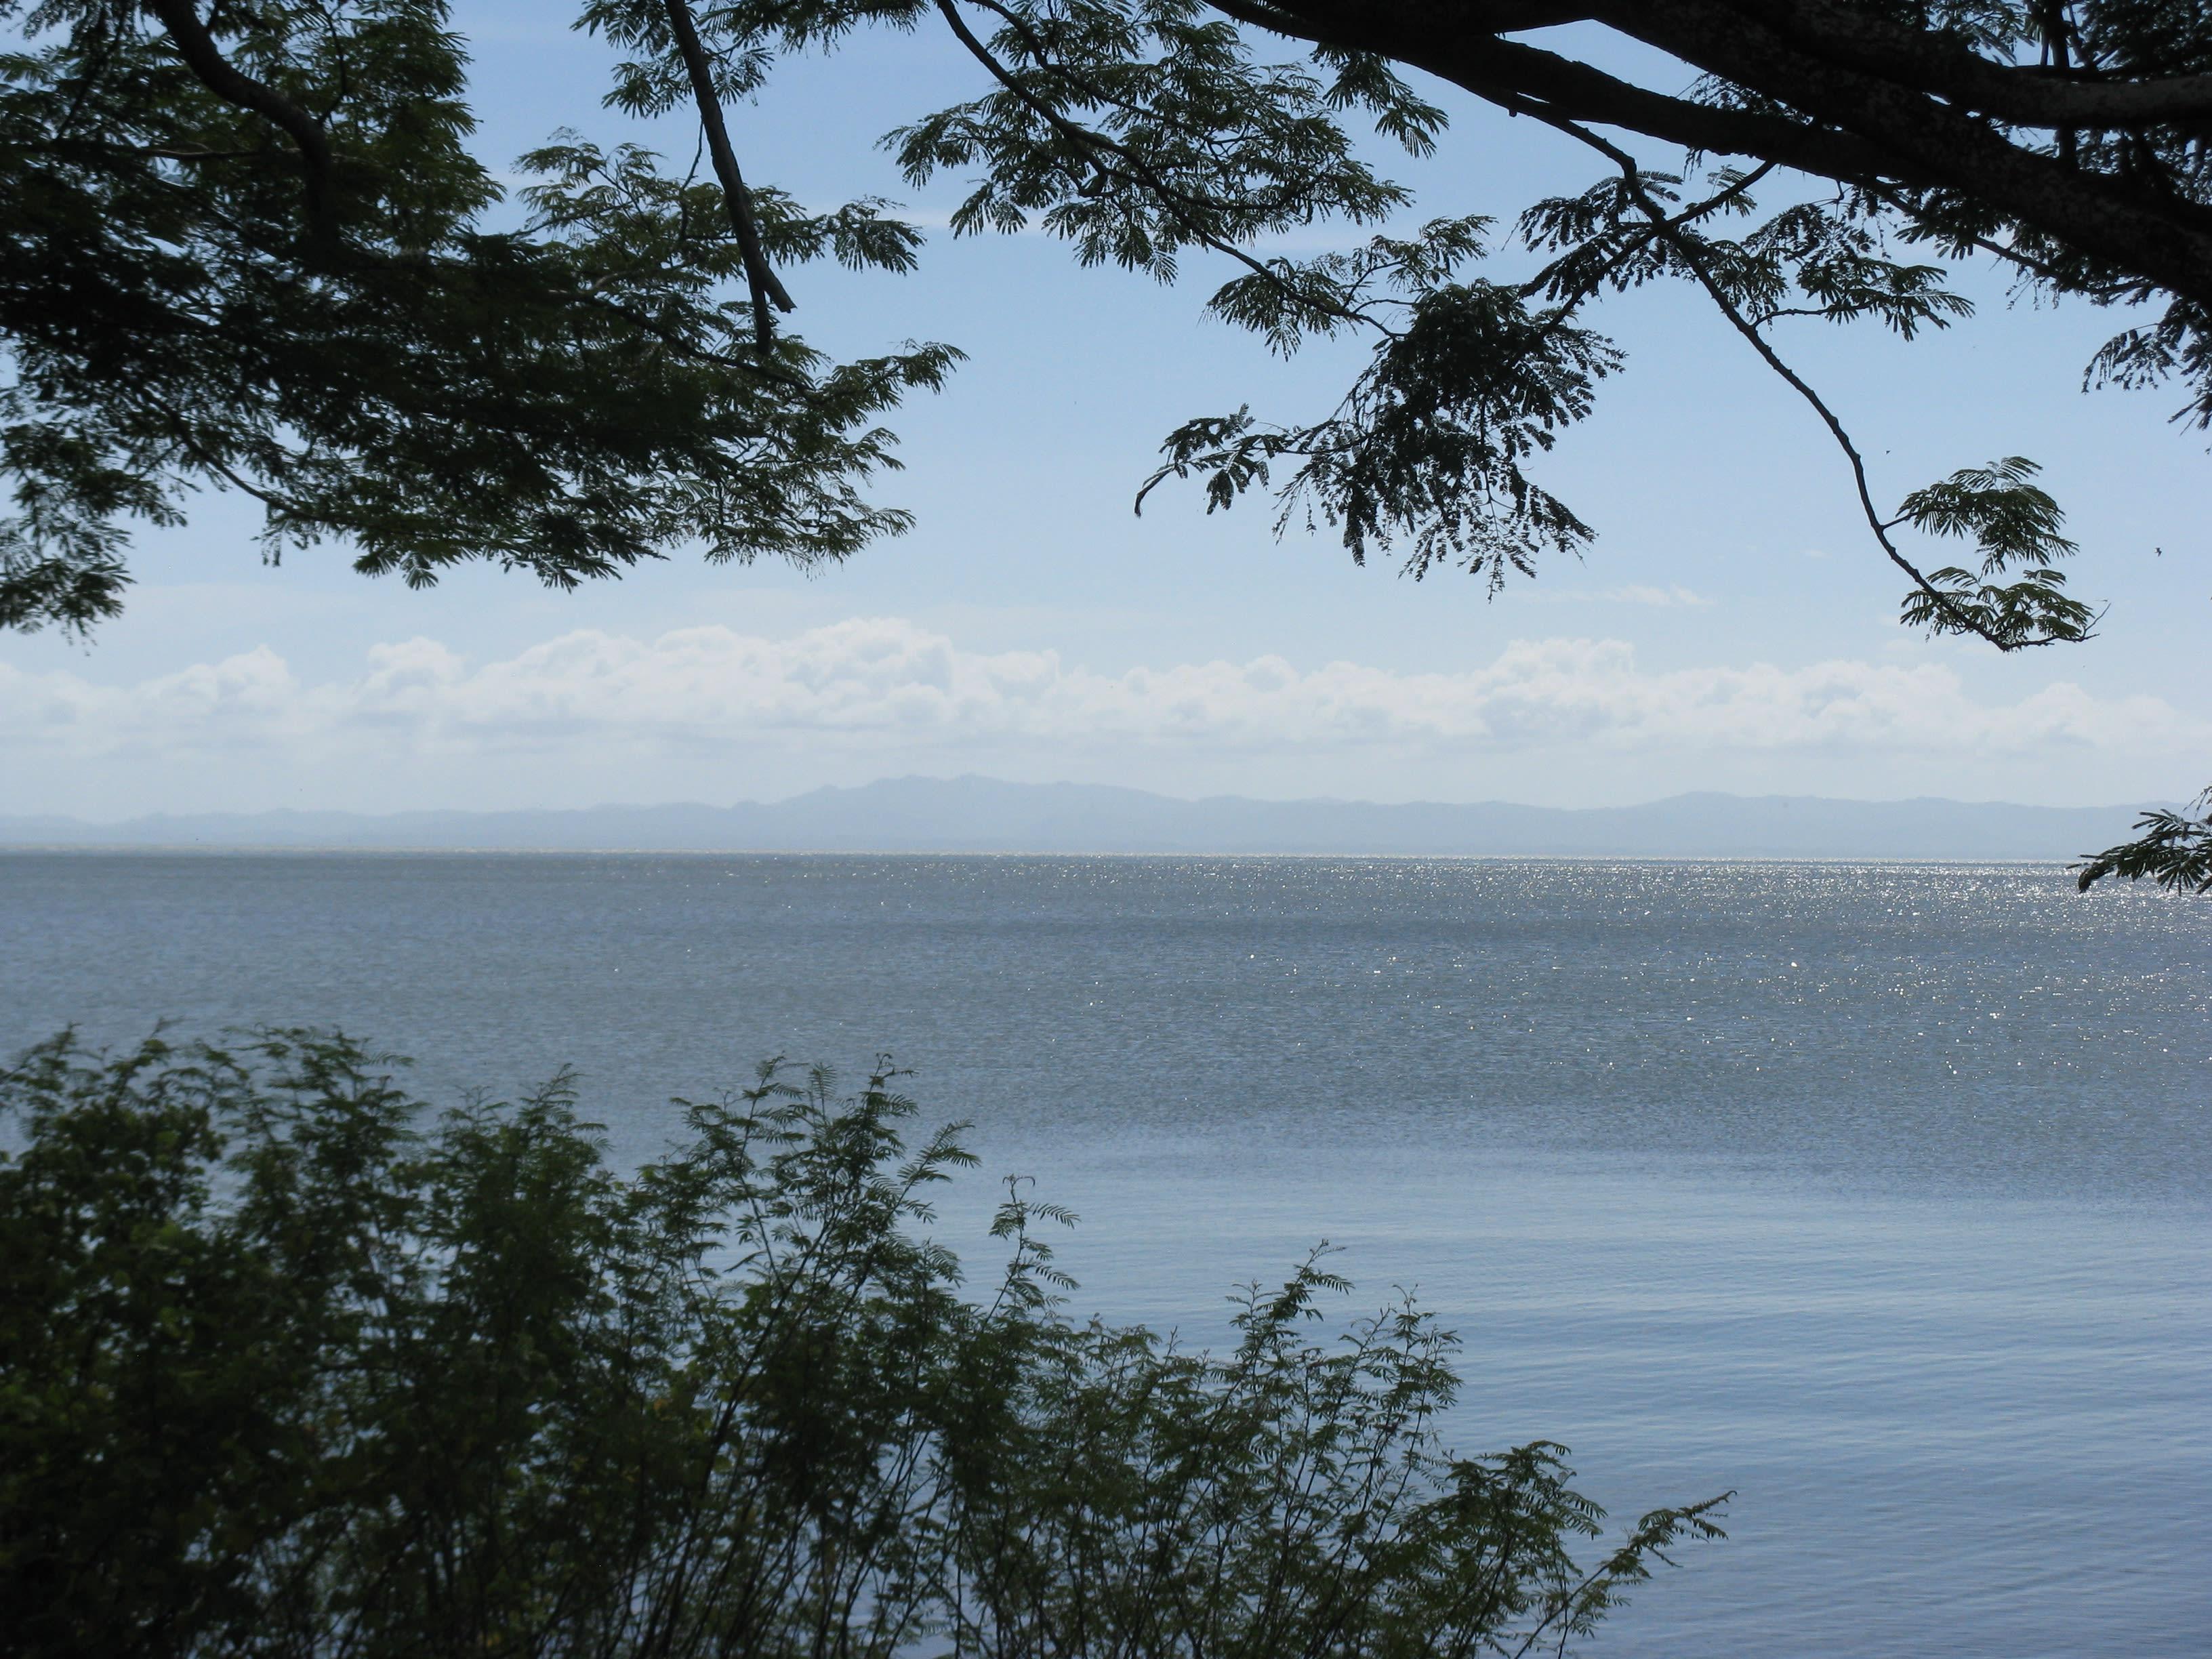 Looking west across Lake Nicaragua